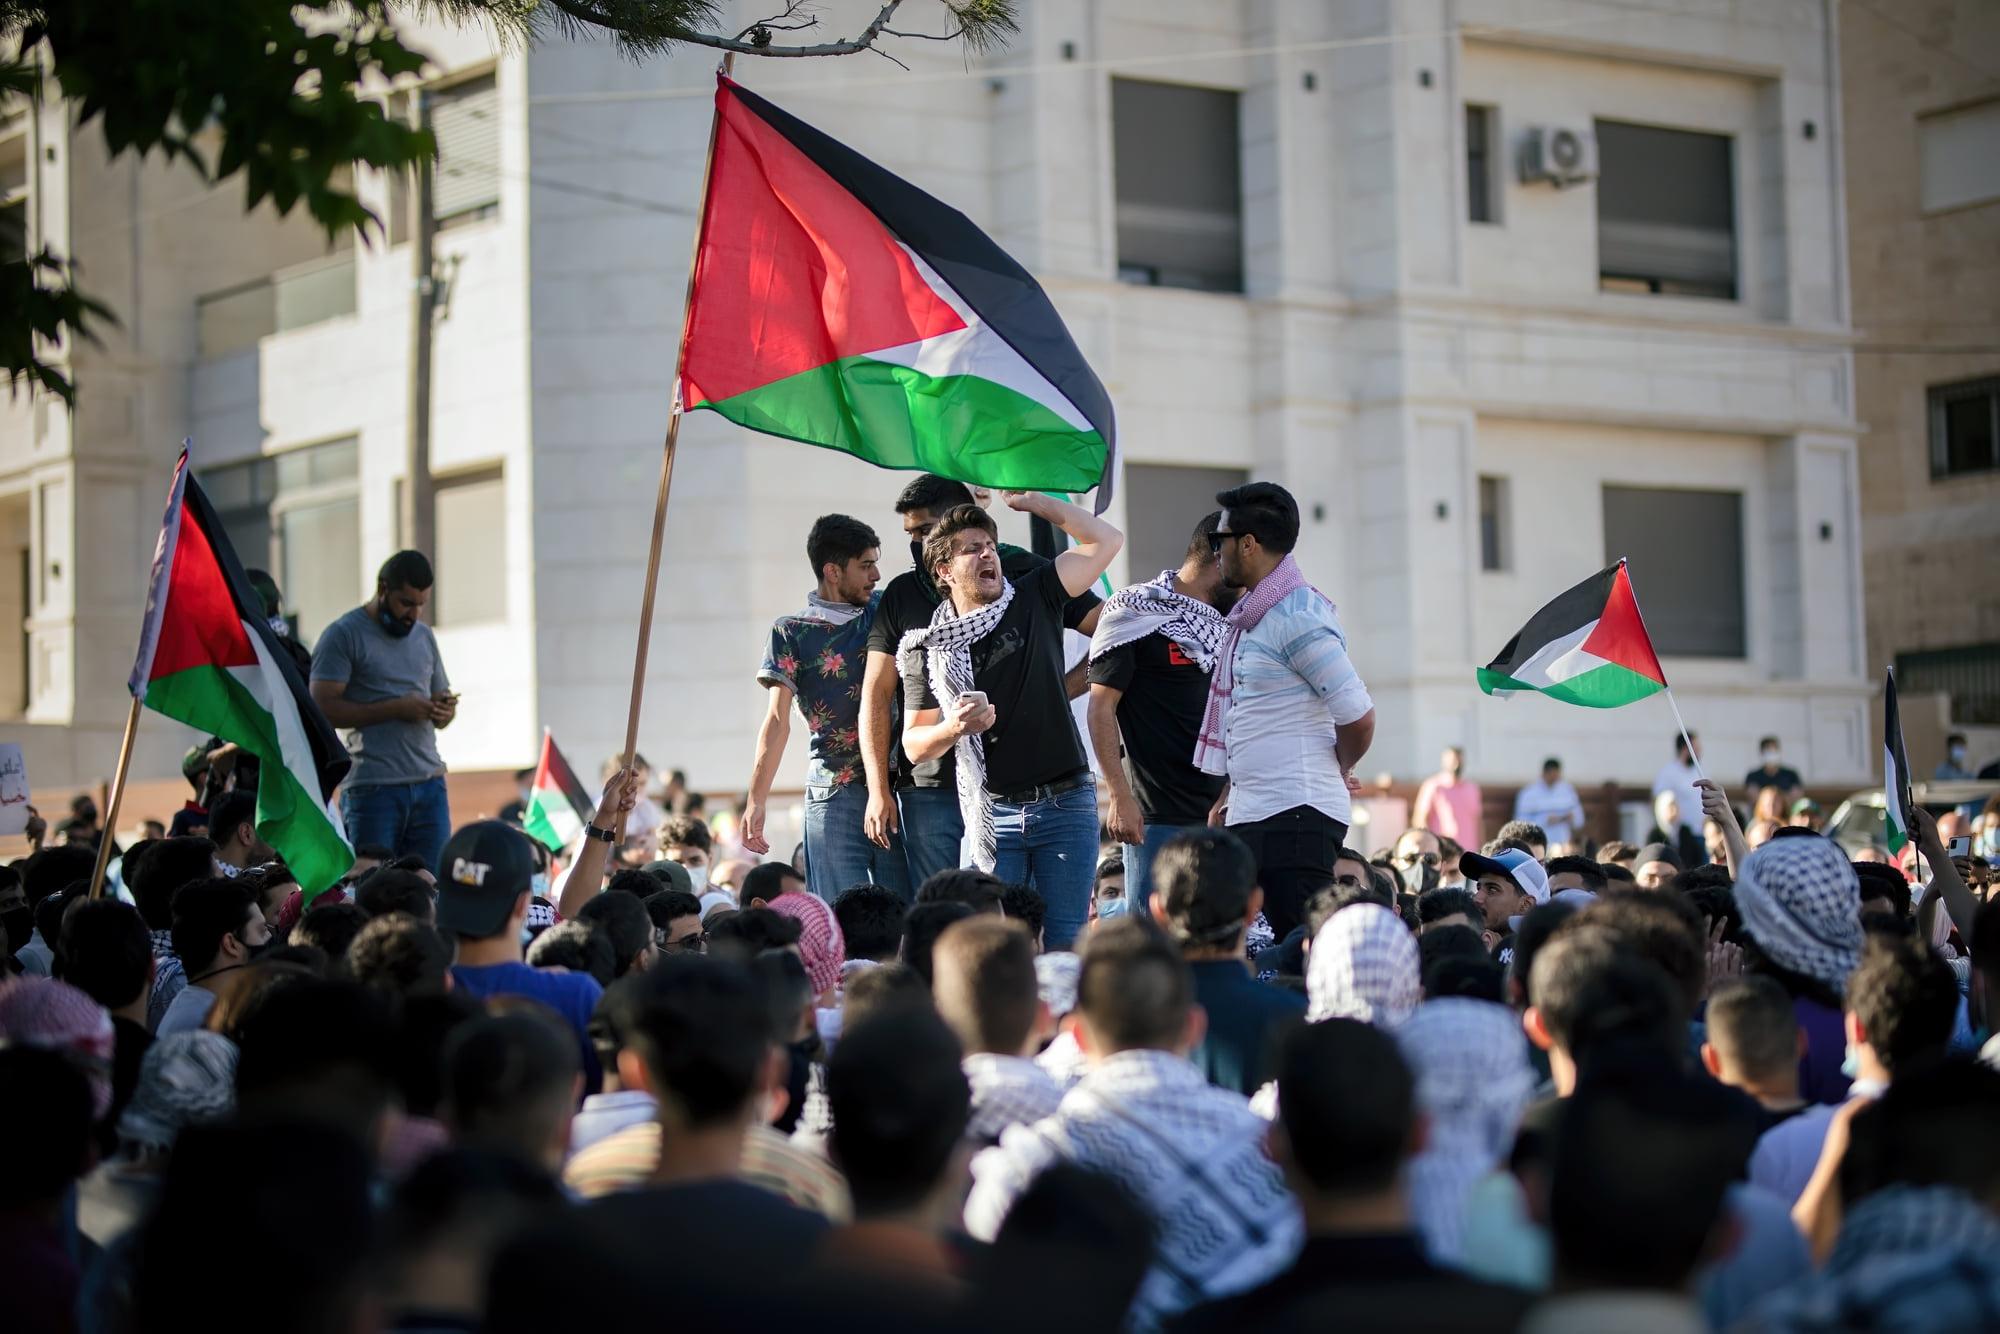 متظاهر يهتف قرب السفارة الإسرائيلية